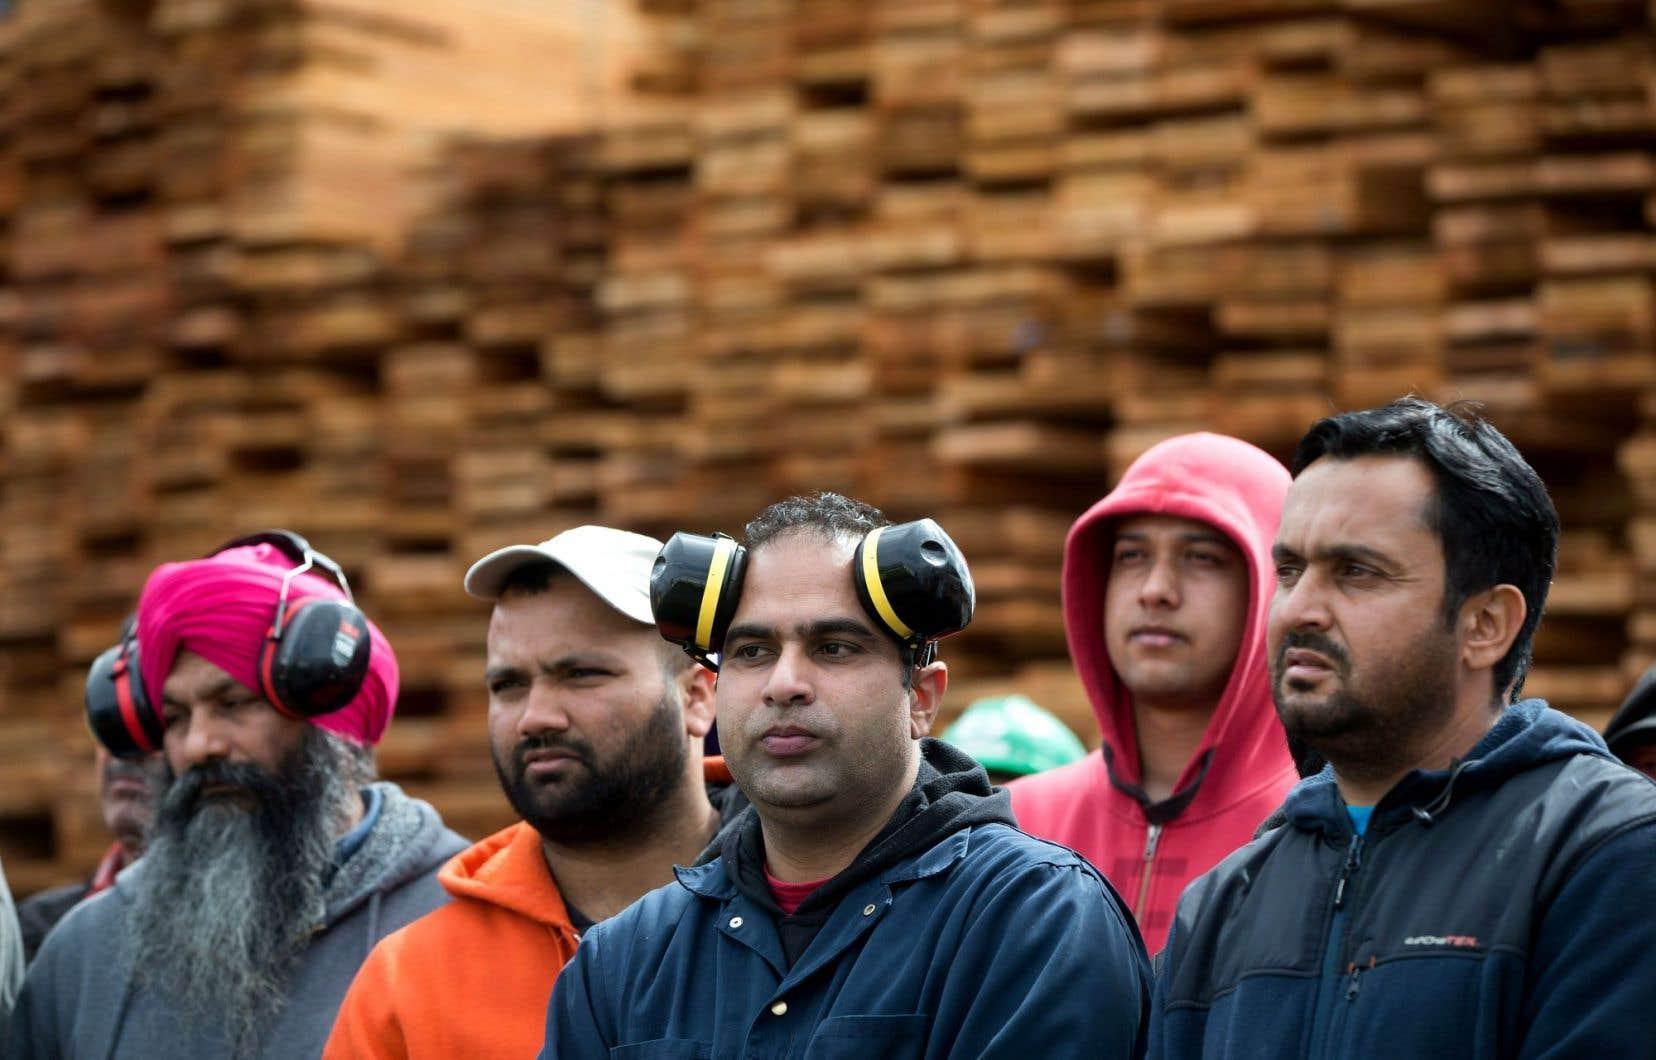 Des ouvriers d'un moulin à bois écoutaient mardi la première ministre de la Colombie-Britannique, Christy Clark, qui promettait de défendre leurs intérêts.